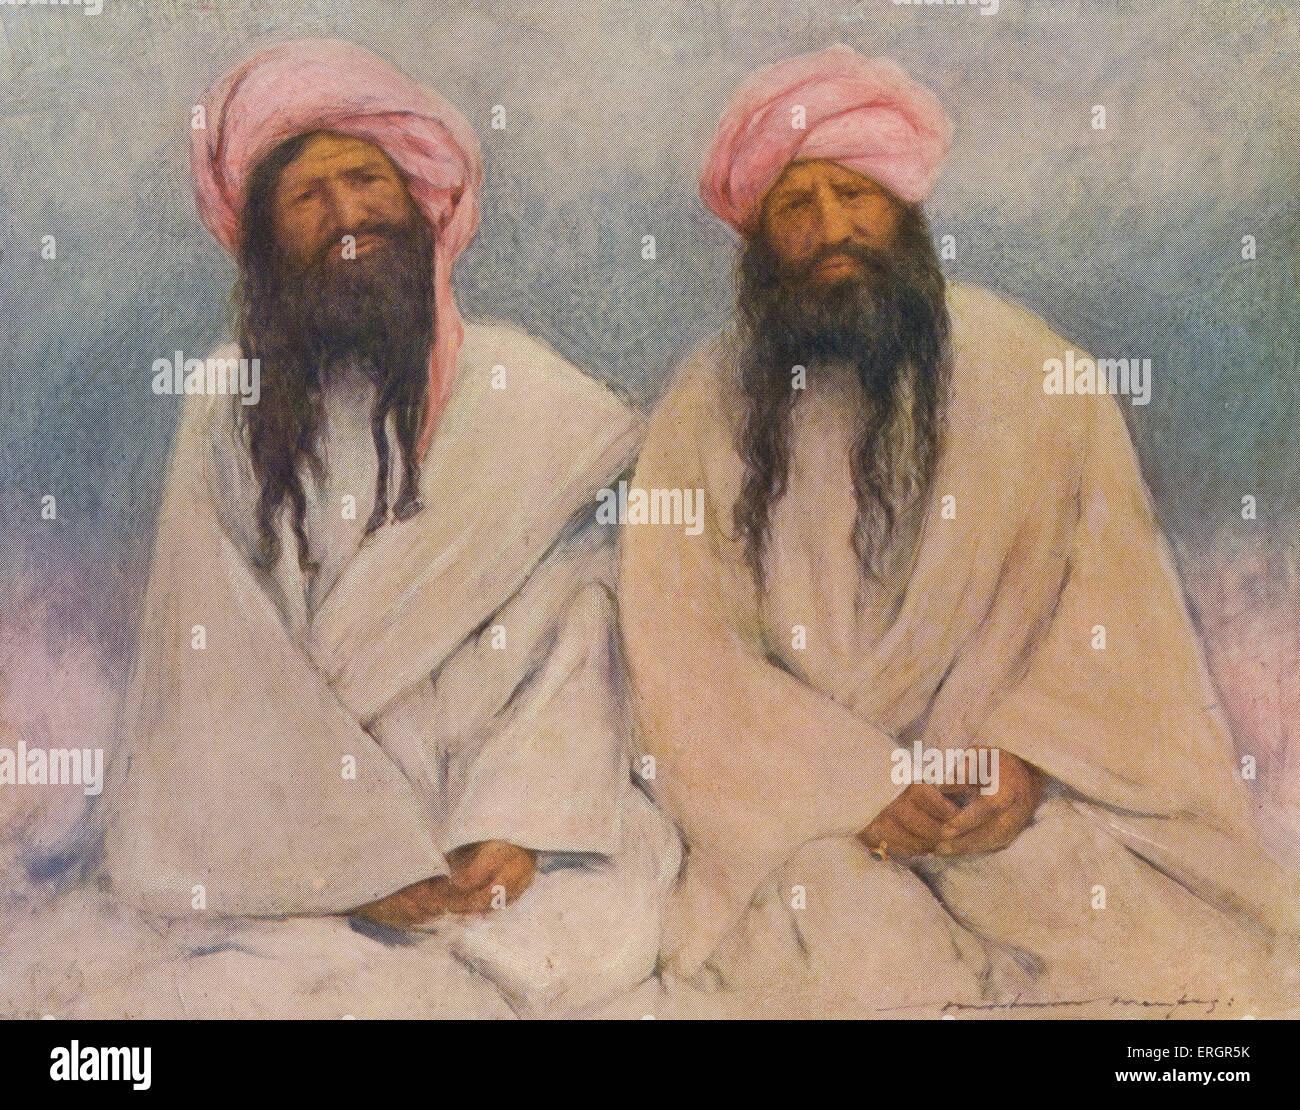 Ritratto di due capi Baluchi, i membri di una società tribale nativo della regione di Balochistan del subcontinente Immagini Stock